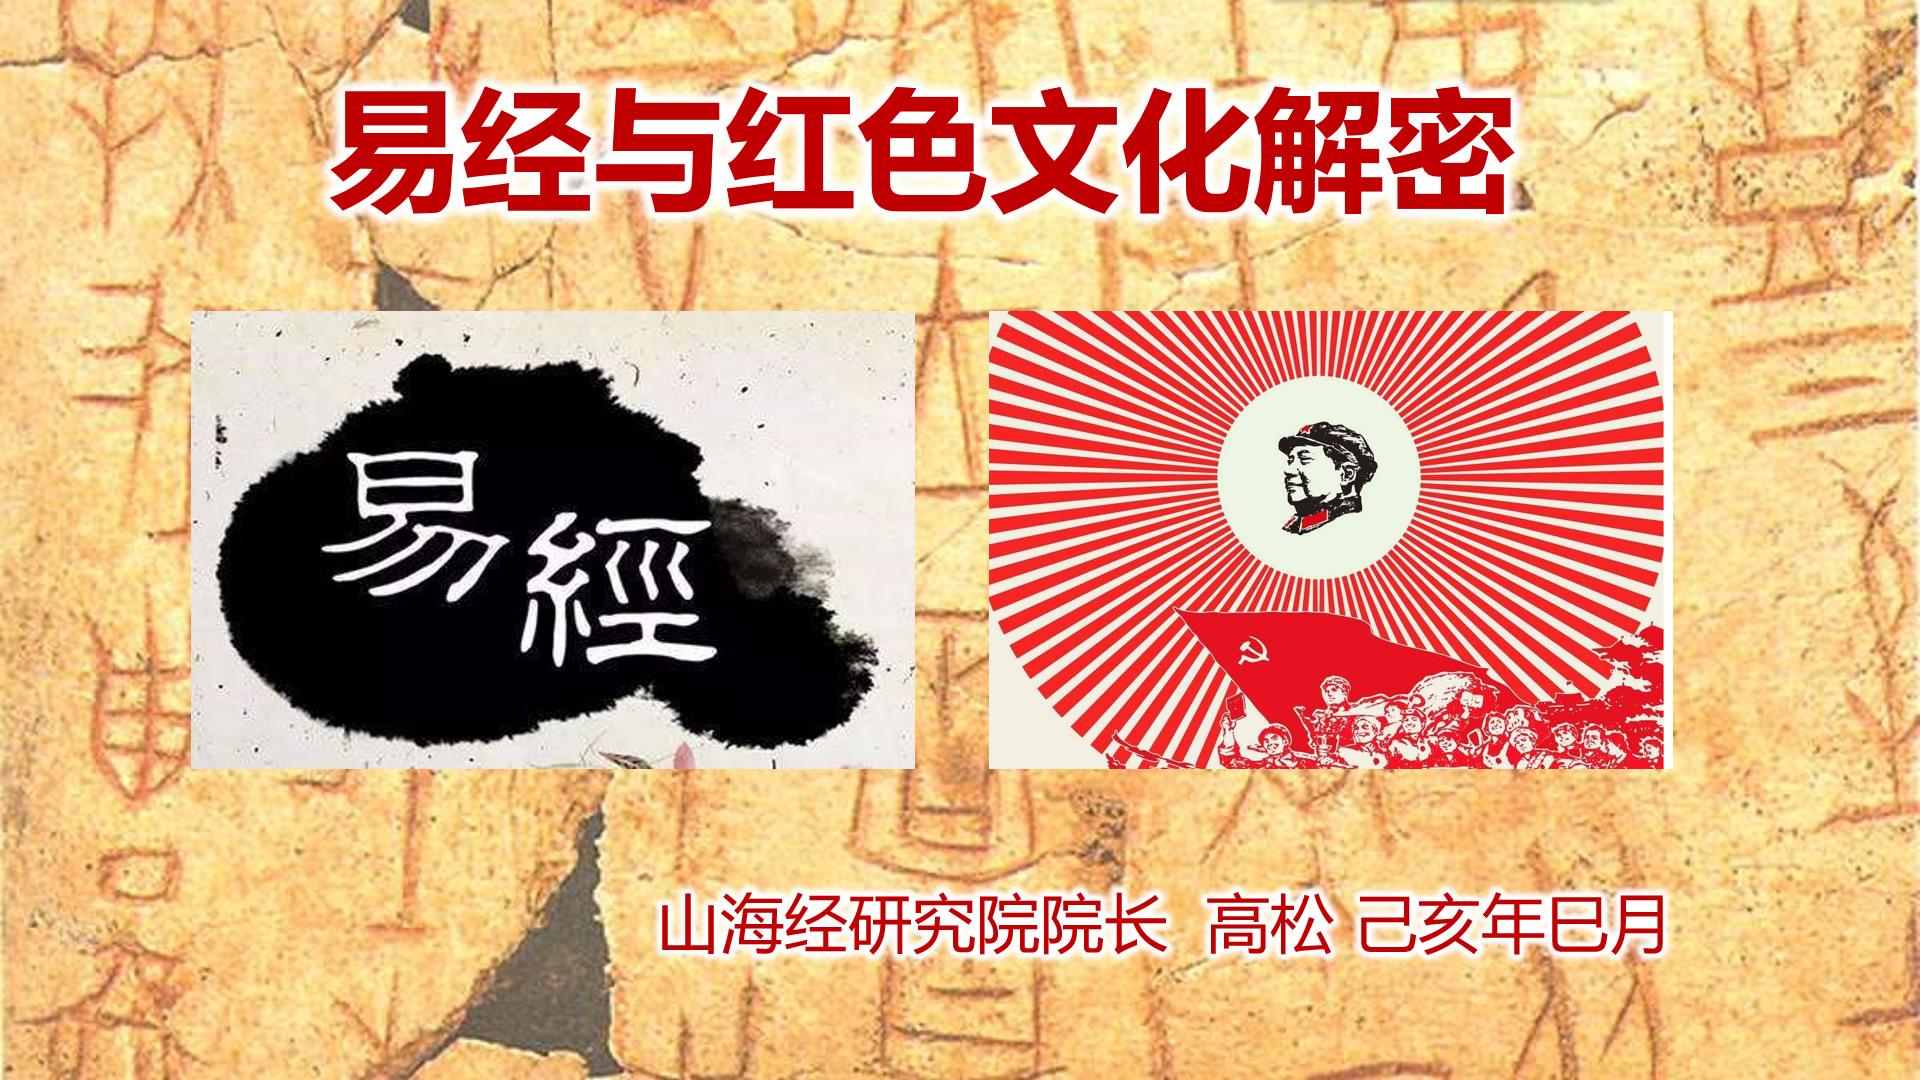 《易经与红色文化解密》讲座在京举行